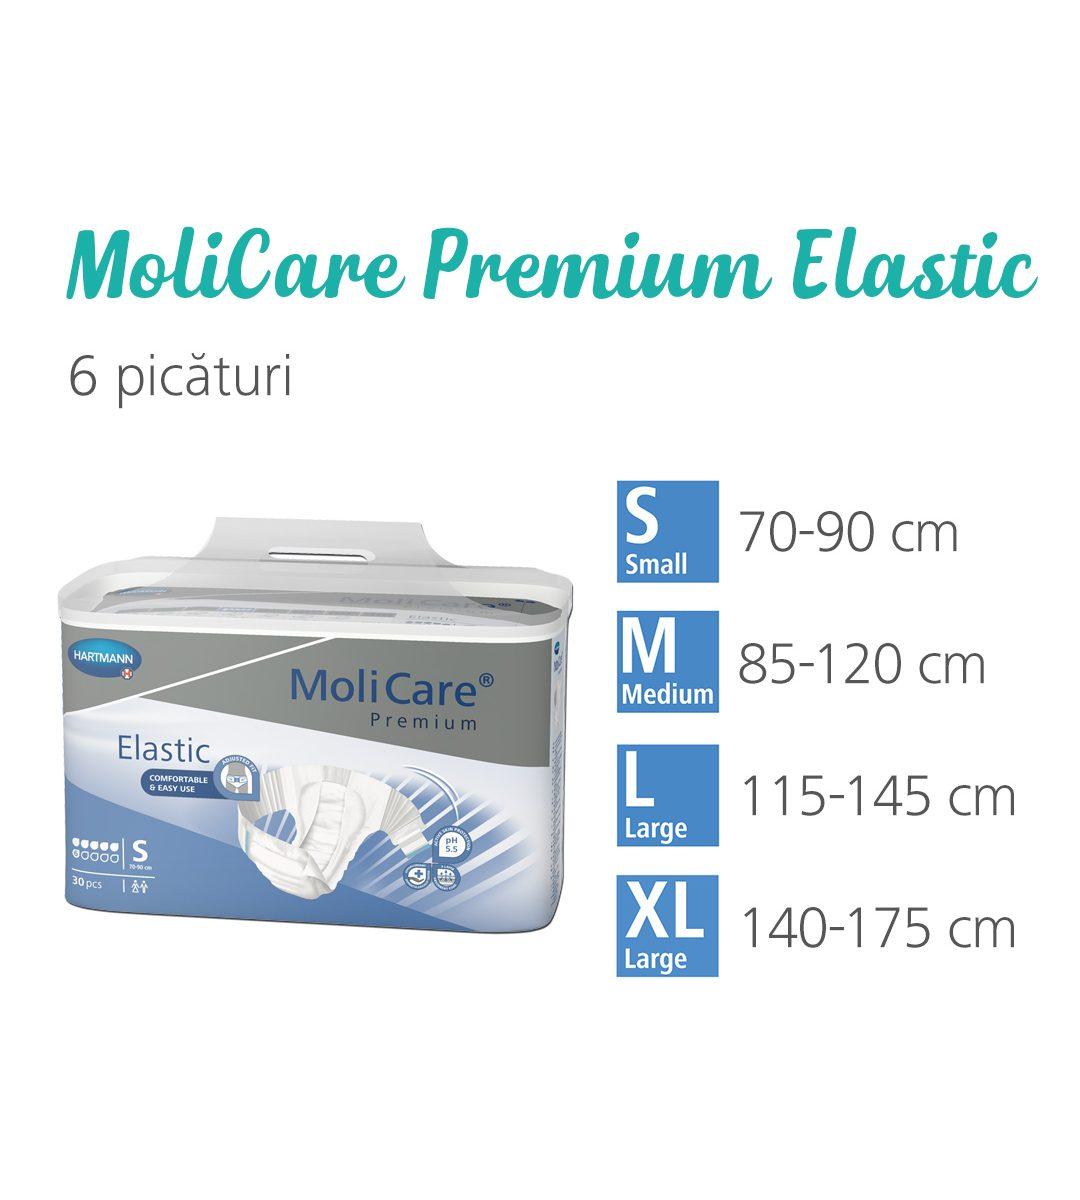 MoliCare Premium Elastic 6 picaturi